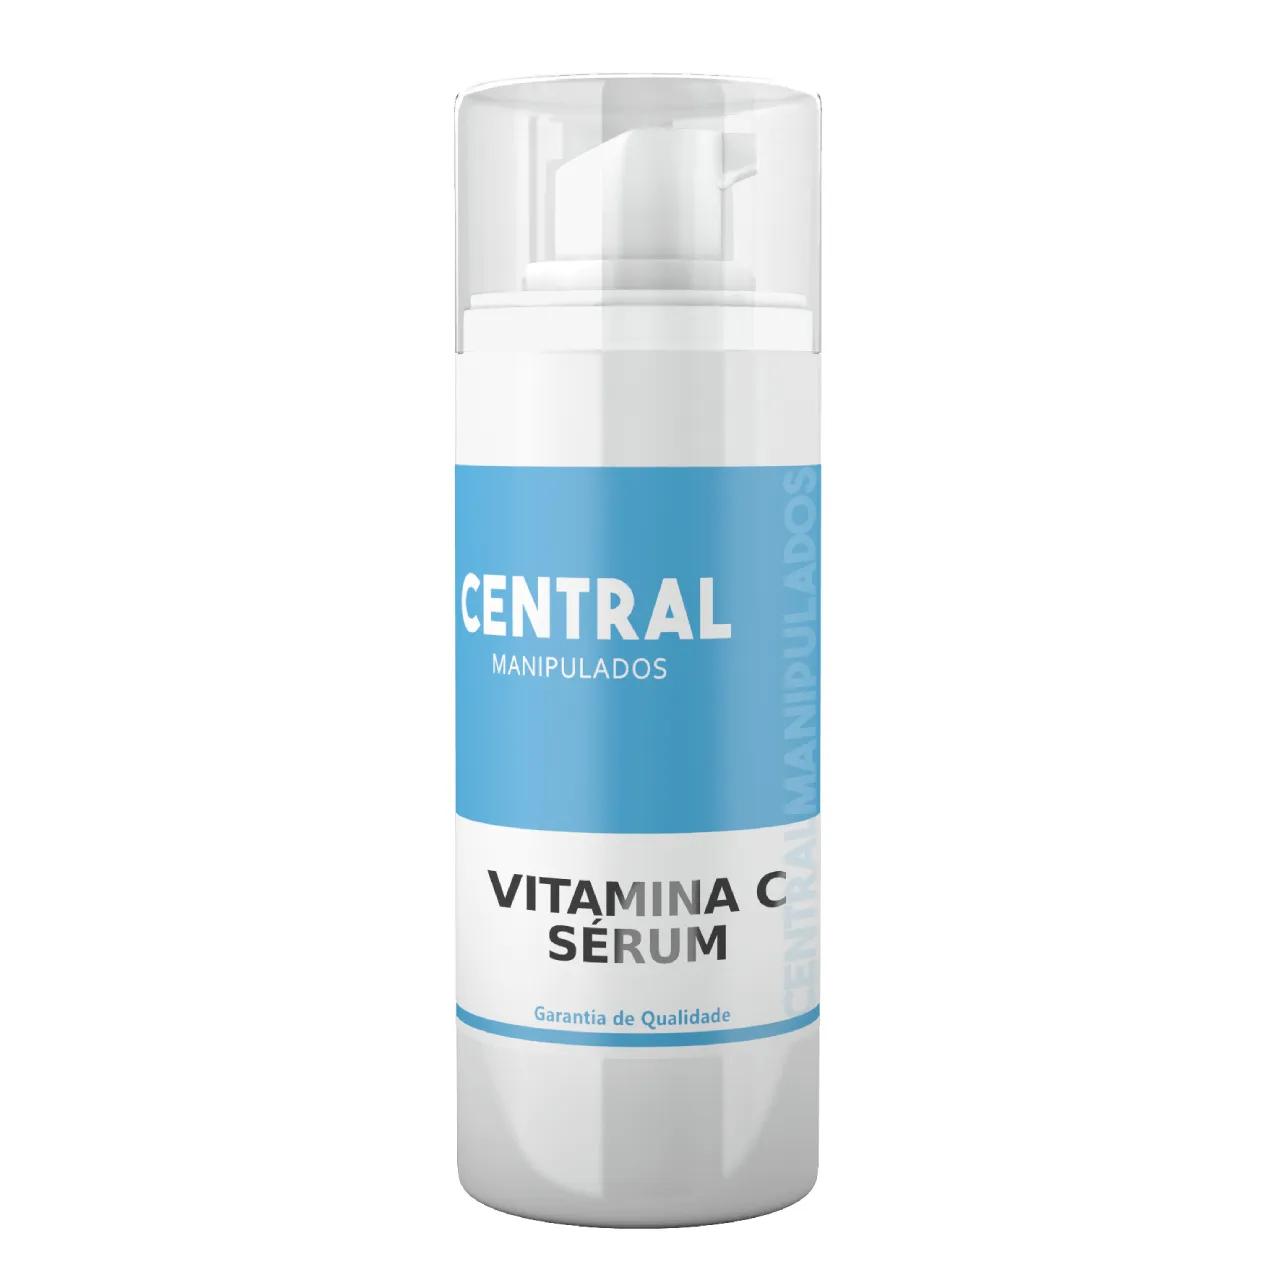 Sérum De Vitamina C Pura - 30ml - Uniformização do tom da pele e Luminosidade, Diminuição dos sinais do envelhecimento, Redução da acne e olheiras